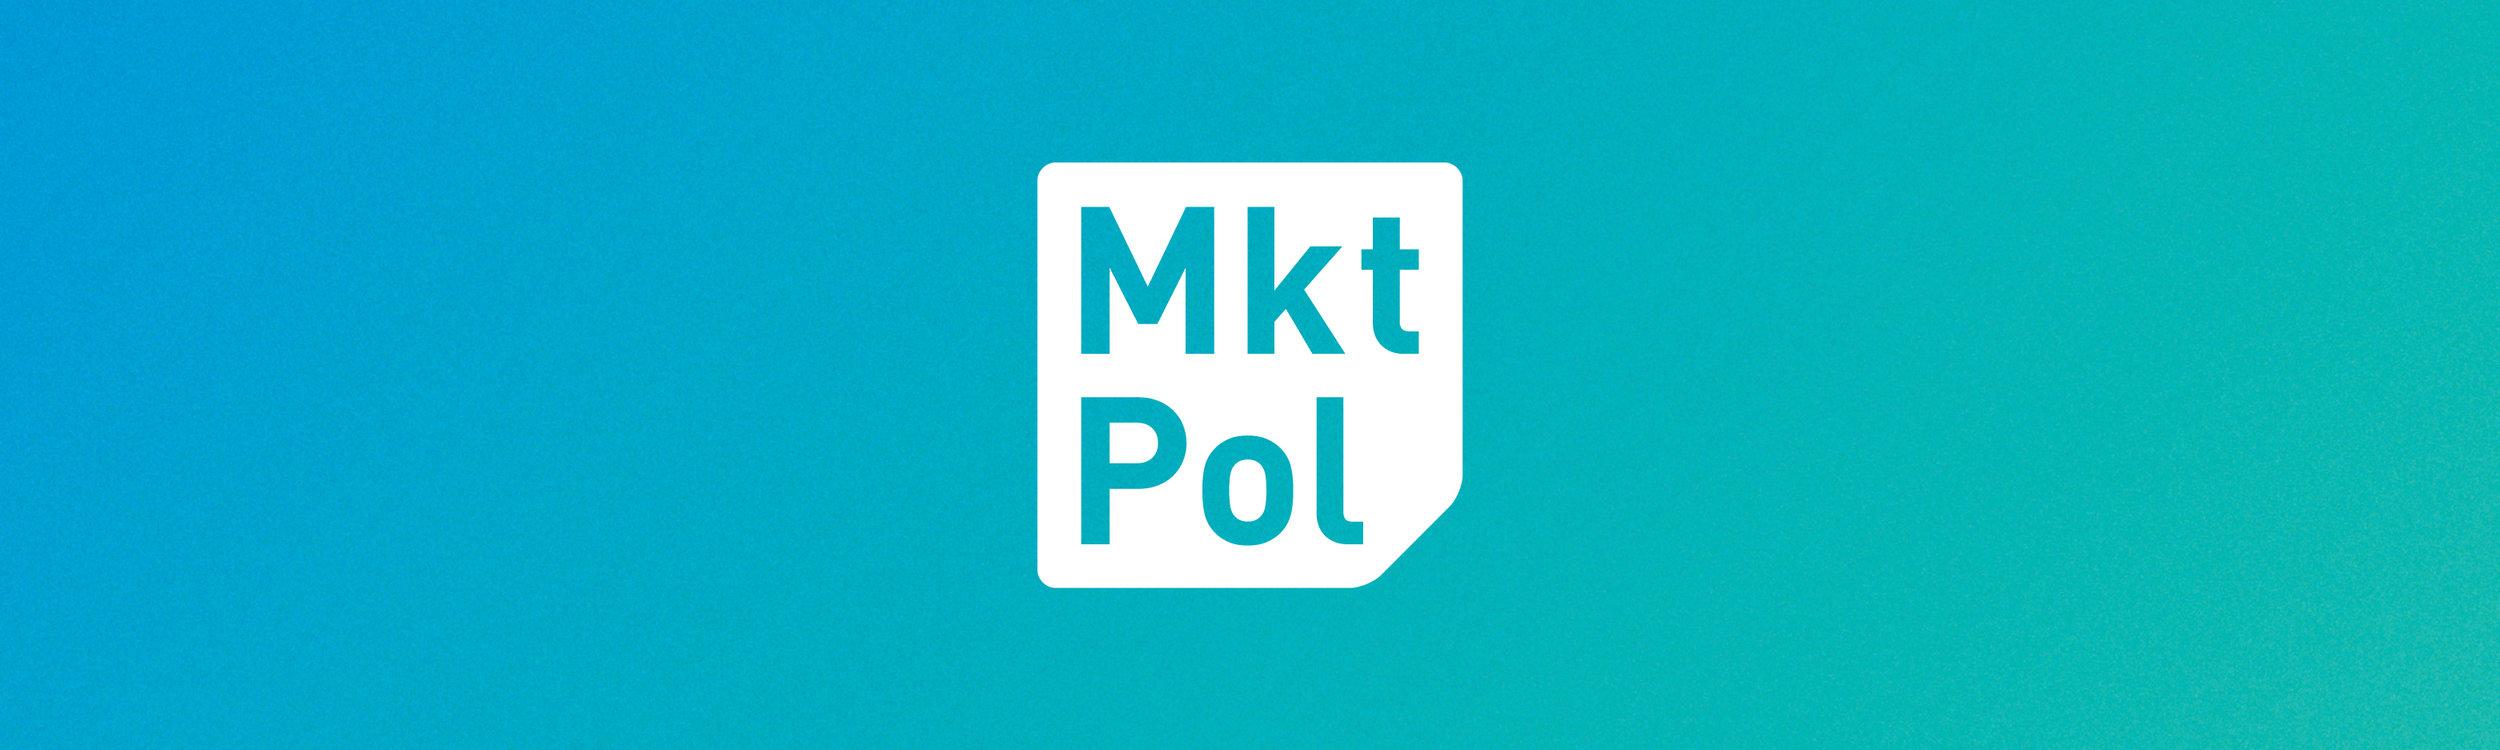 Mkt Pol-01.jpg